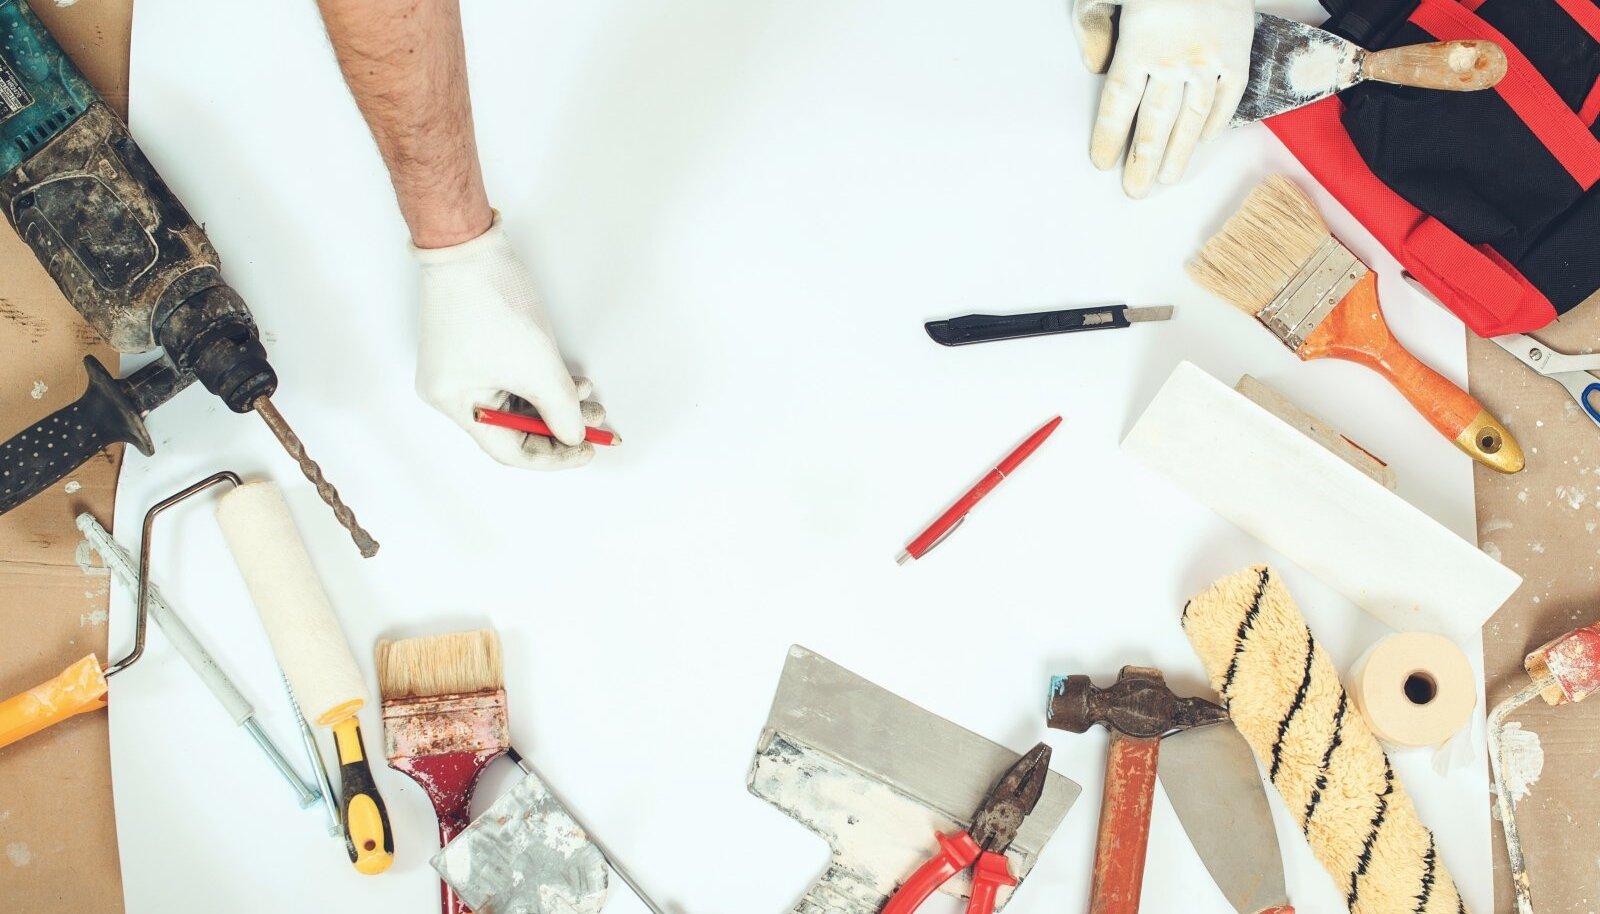 Enne remontima asumist koostage tööde plaan ning soetage vajalikud töövahendid ja materjalid.